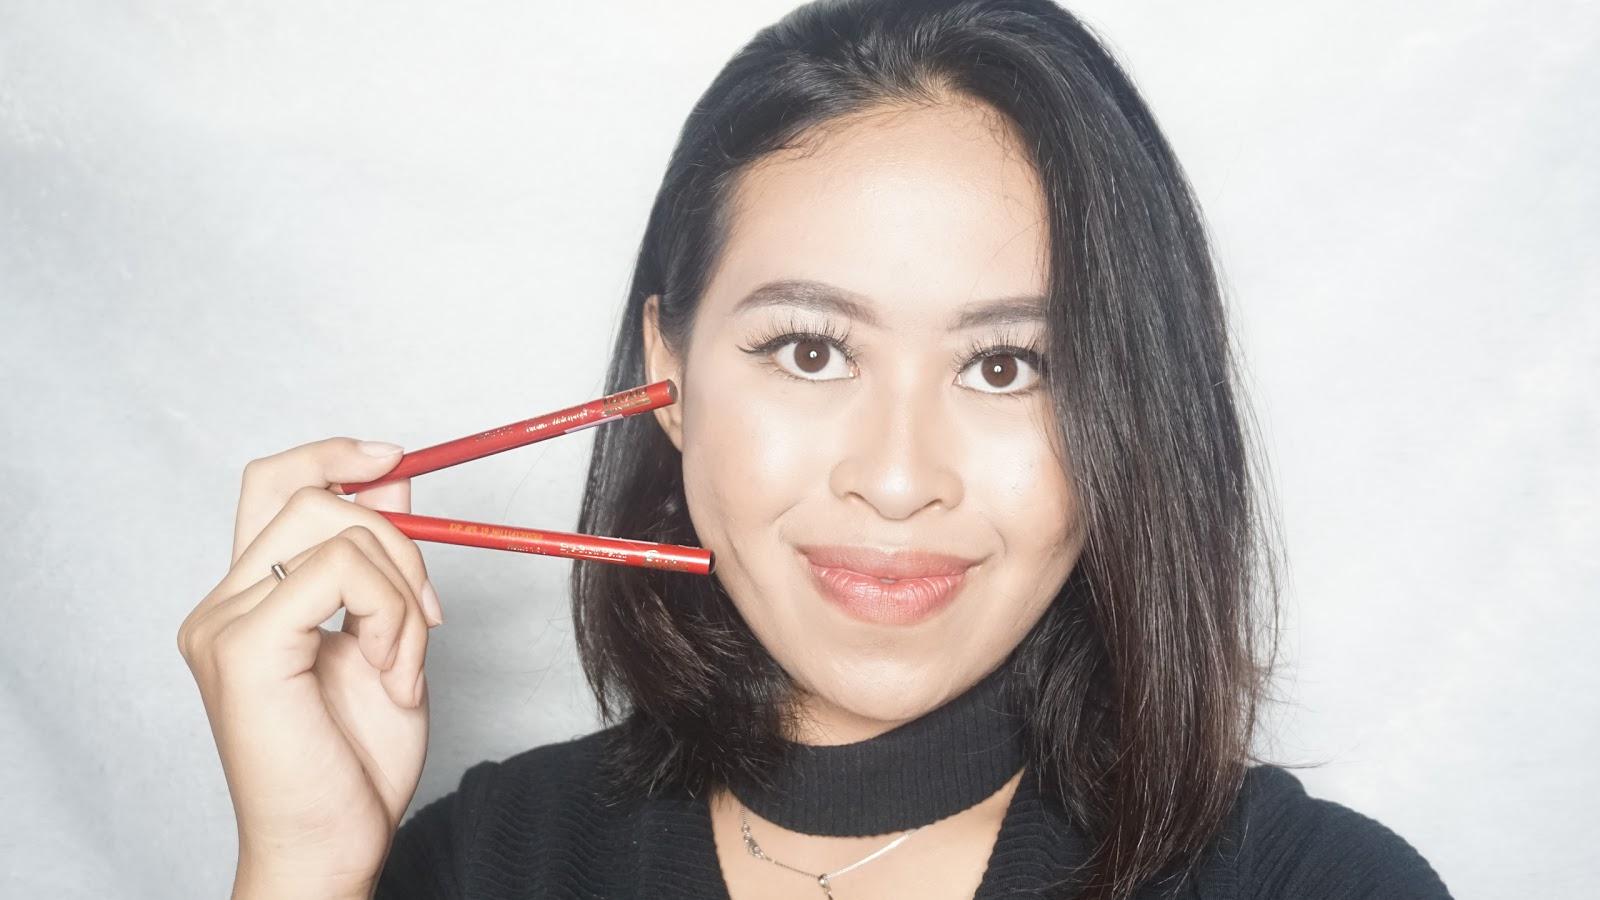 Forum Lebih Bagus Pensil Alis Wardah Viva Atau Fanbo Cosmetics Eyebrowpensil Beautynesia